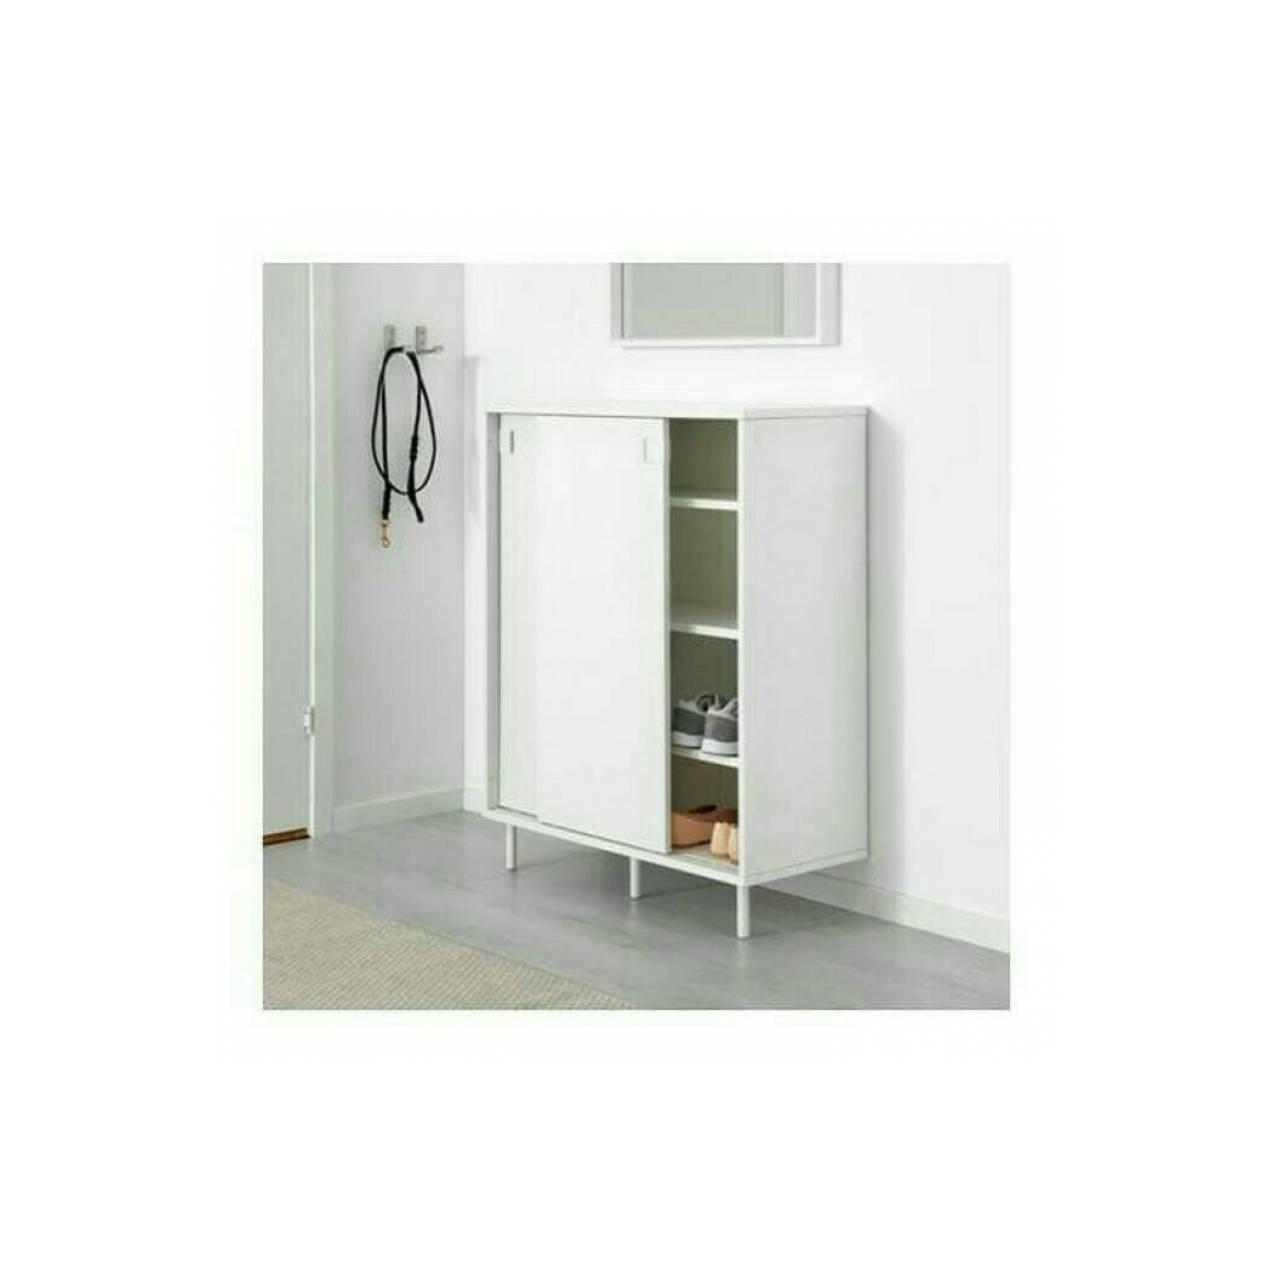 IKEA MACKAPAR Kabinet Tempat Sepatu, Lemari/ Rak Sepatu 80x102 cm